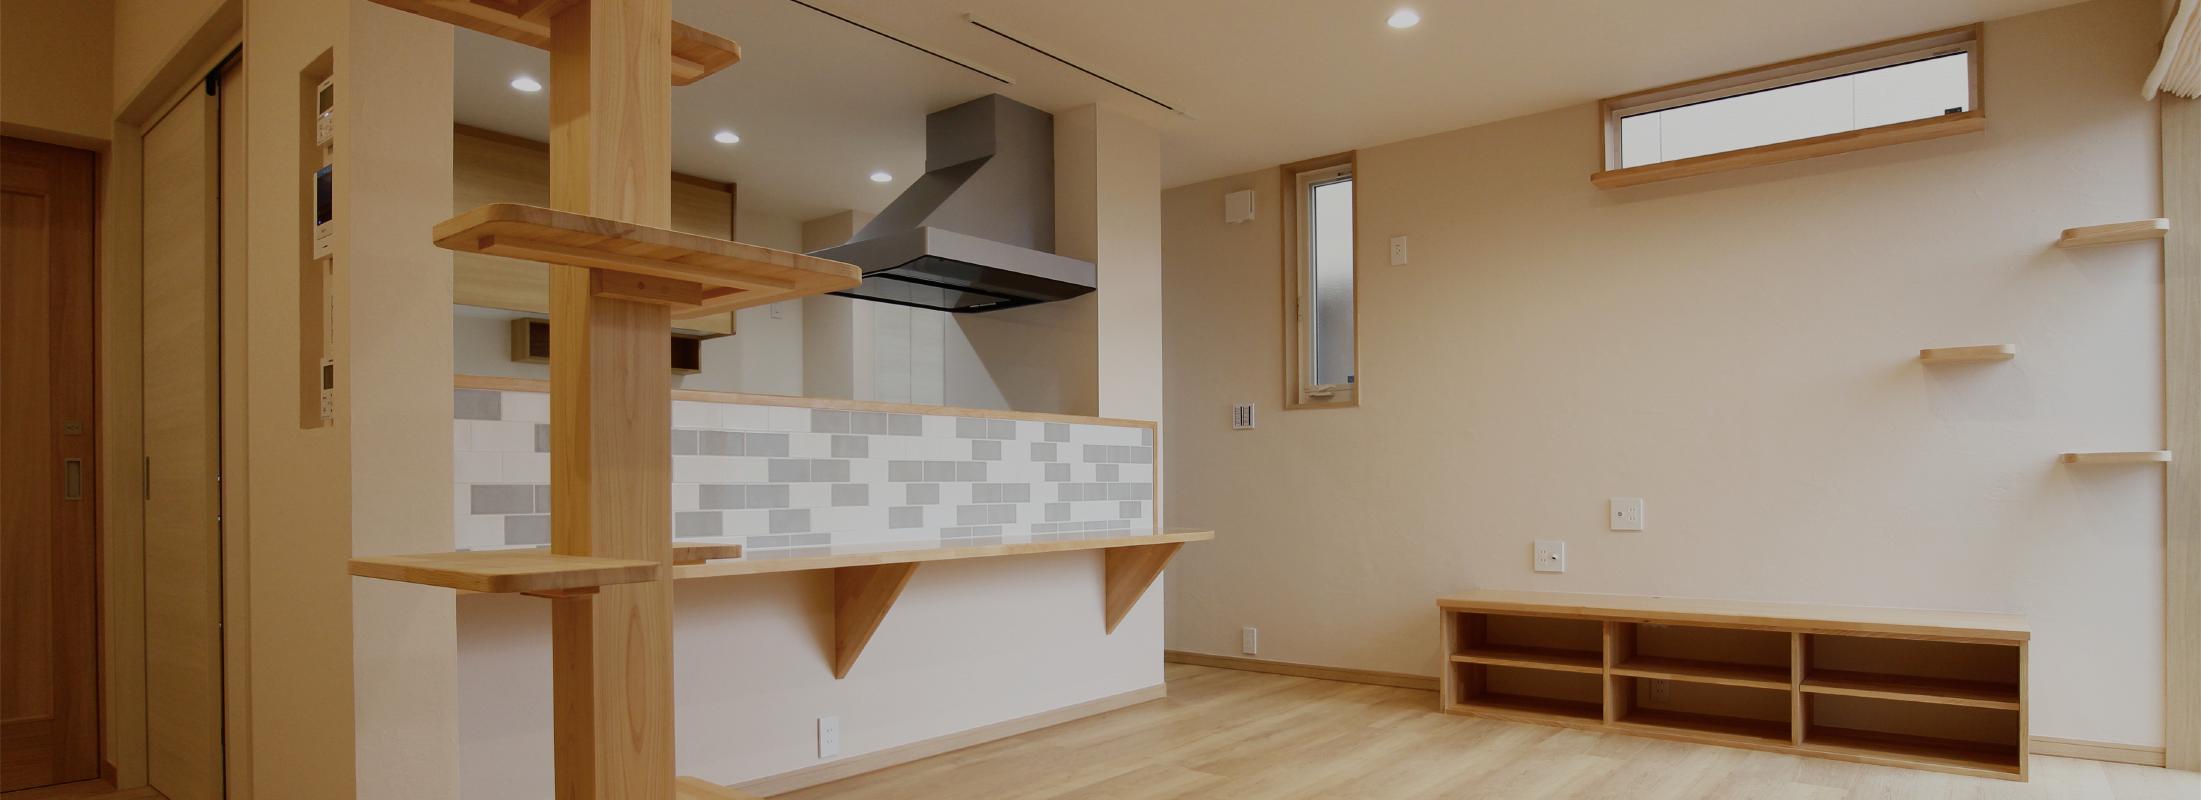 石川県の平屋住宅専門サイト 平屋のことなら僕にまかせろ! 5枚目